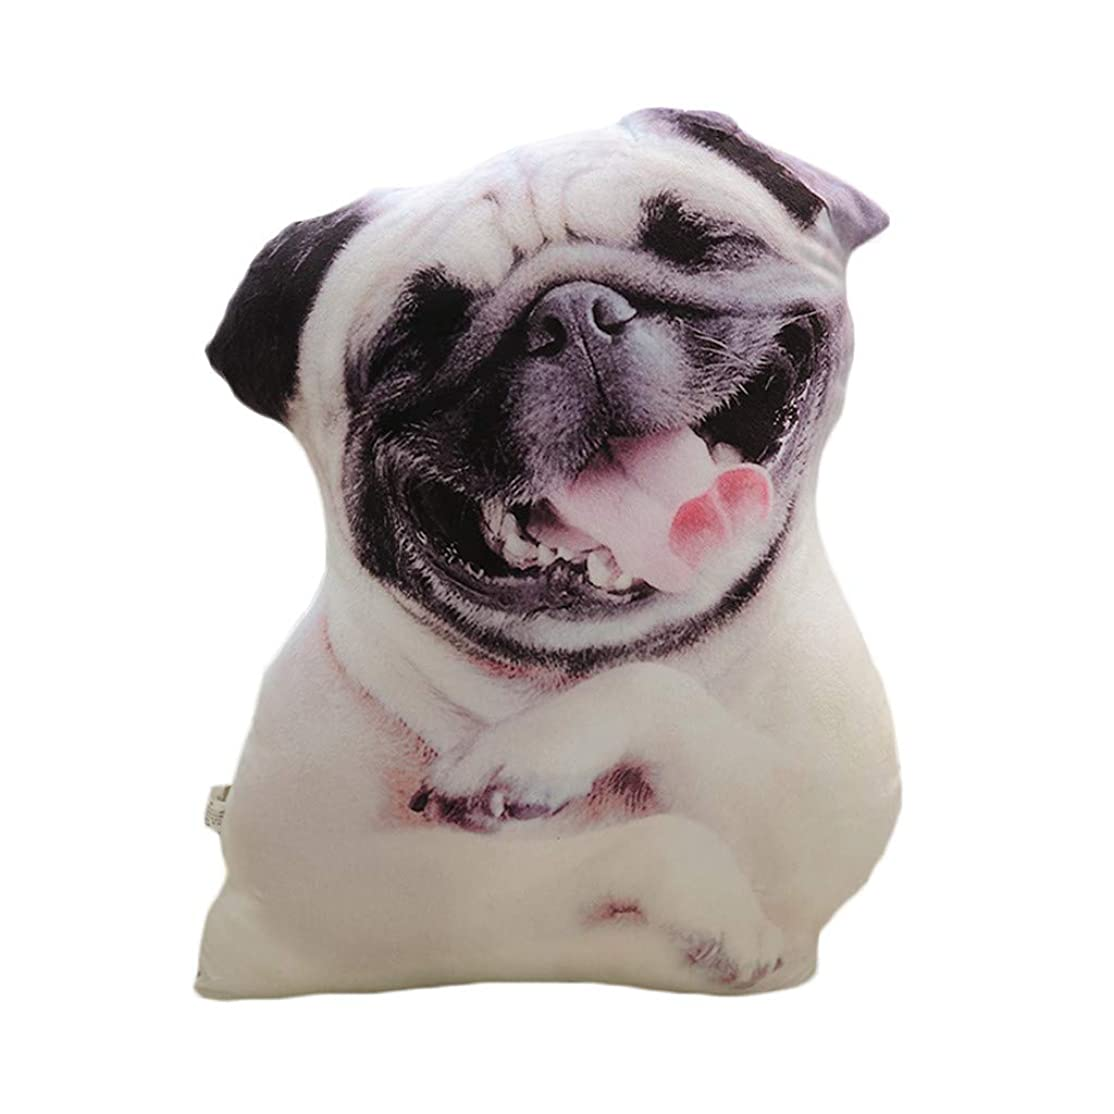 おしゃれなモック踏み台LIFE 装飾クッションソファおかしい 3D 犬印刷スロー枕創造クッションかわいいぬいぐるみギフト家の装飾 coussin decoratif クッション 椅子